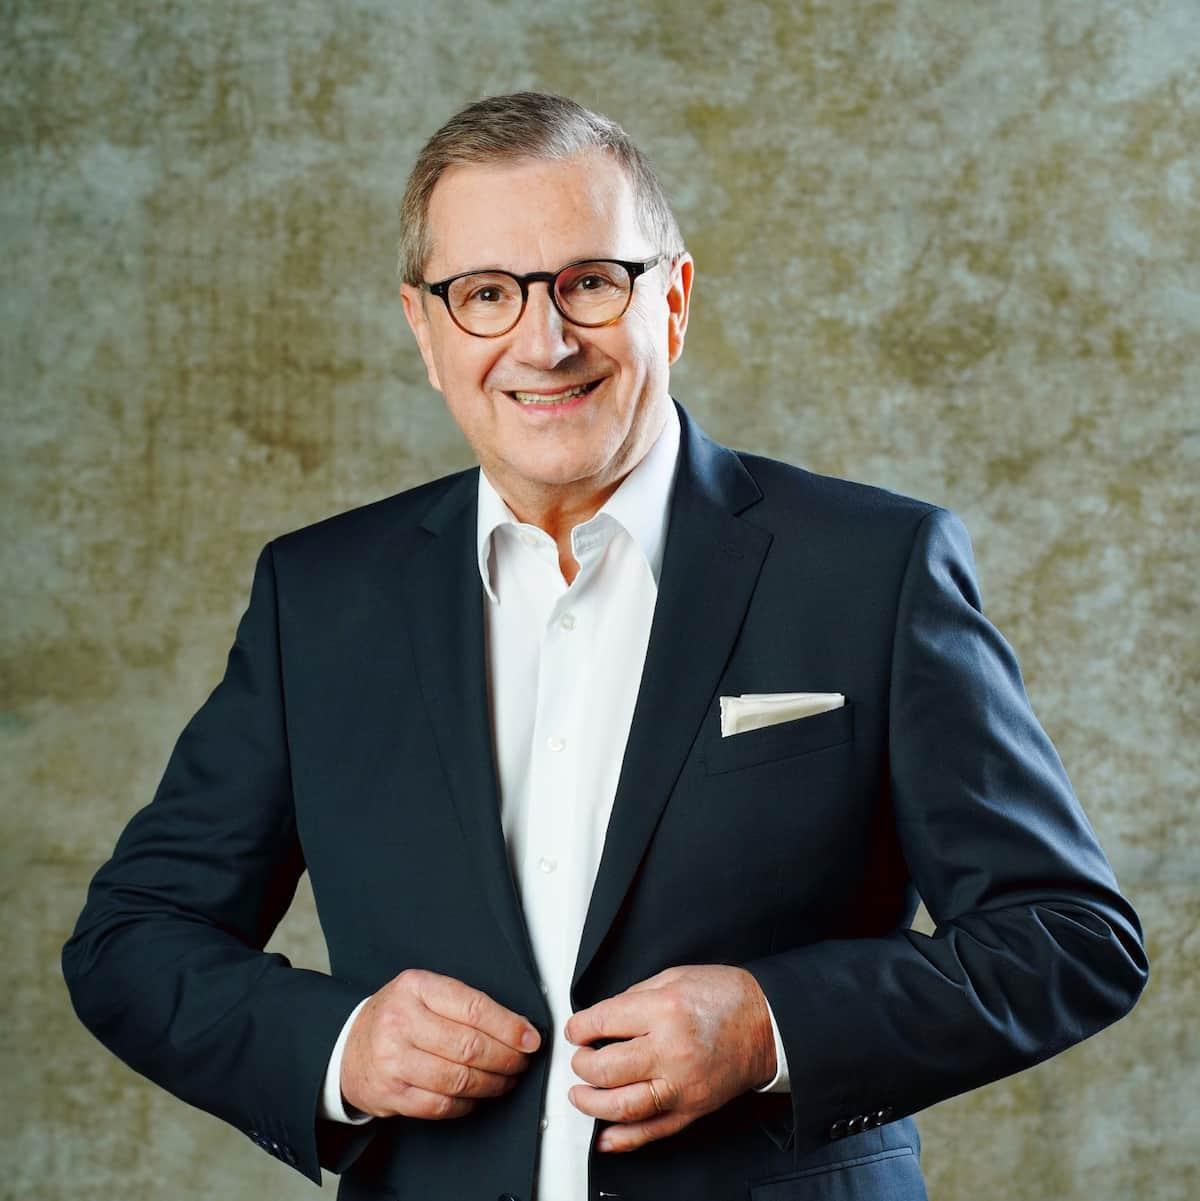 Jan Hofer als Kandidat bei Let's dance 2021